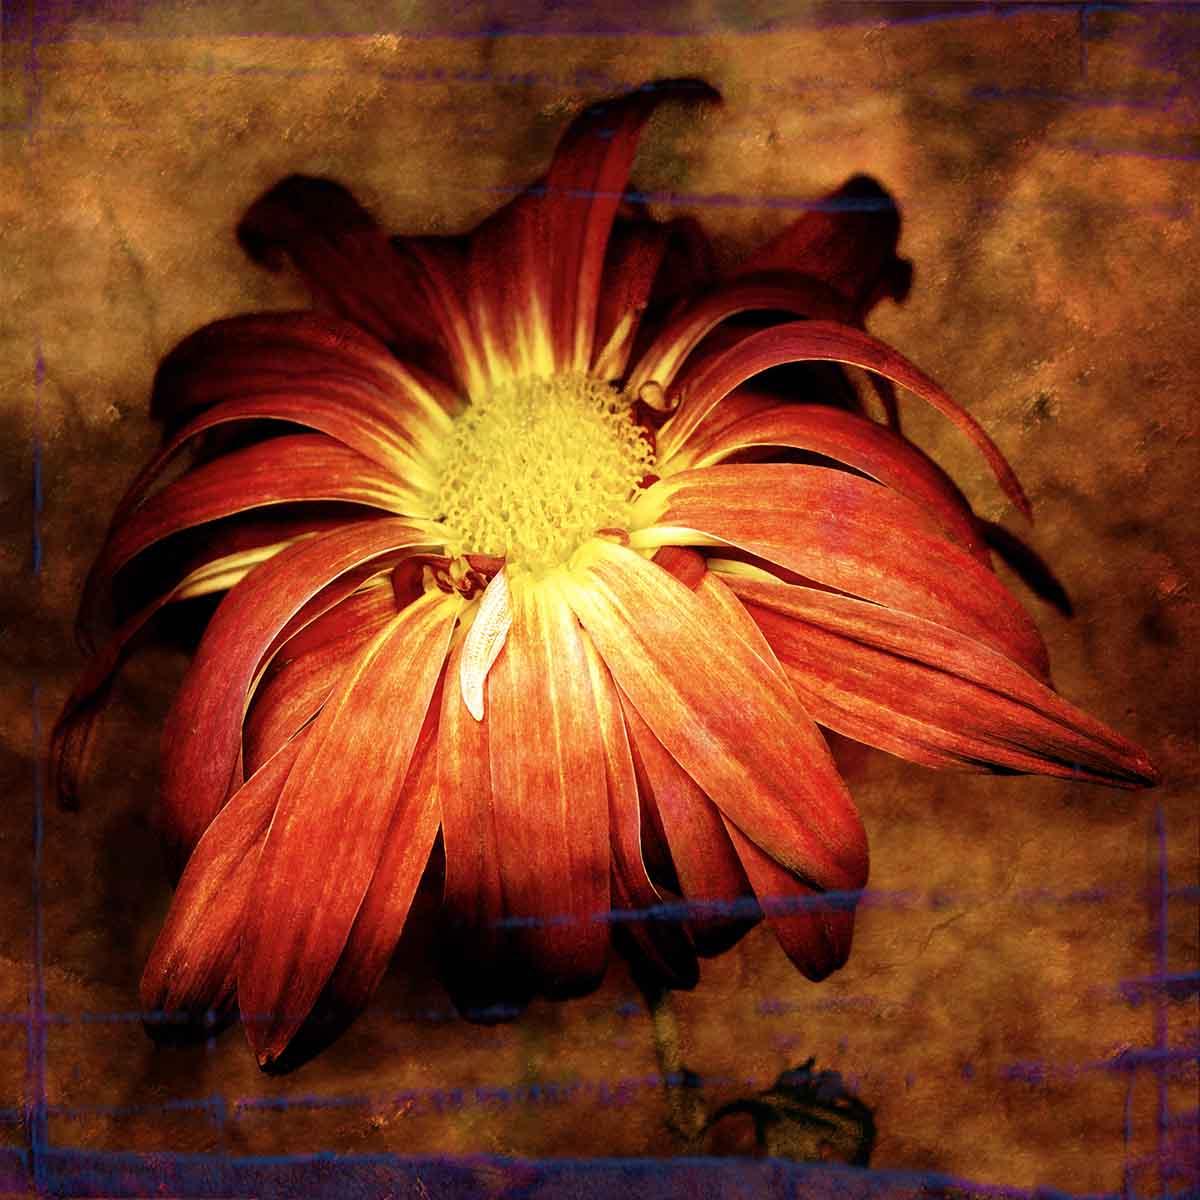 daisy-6.jpg